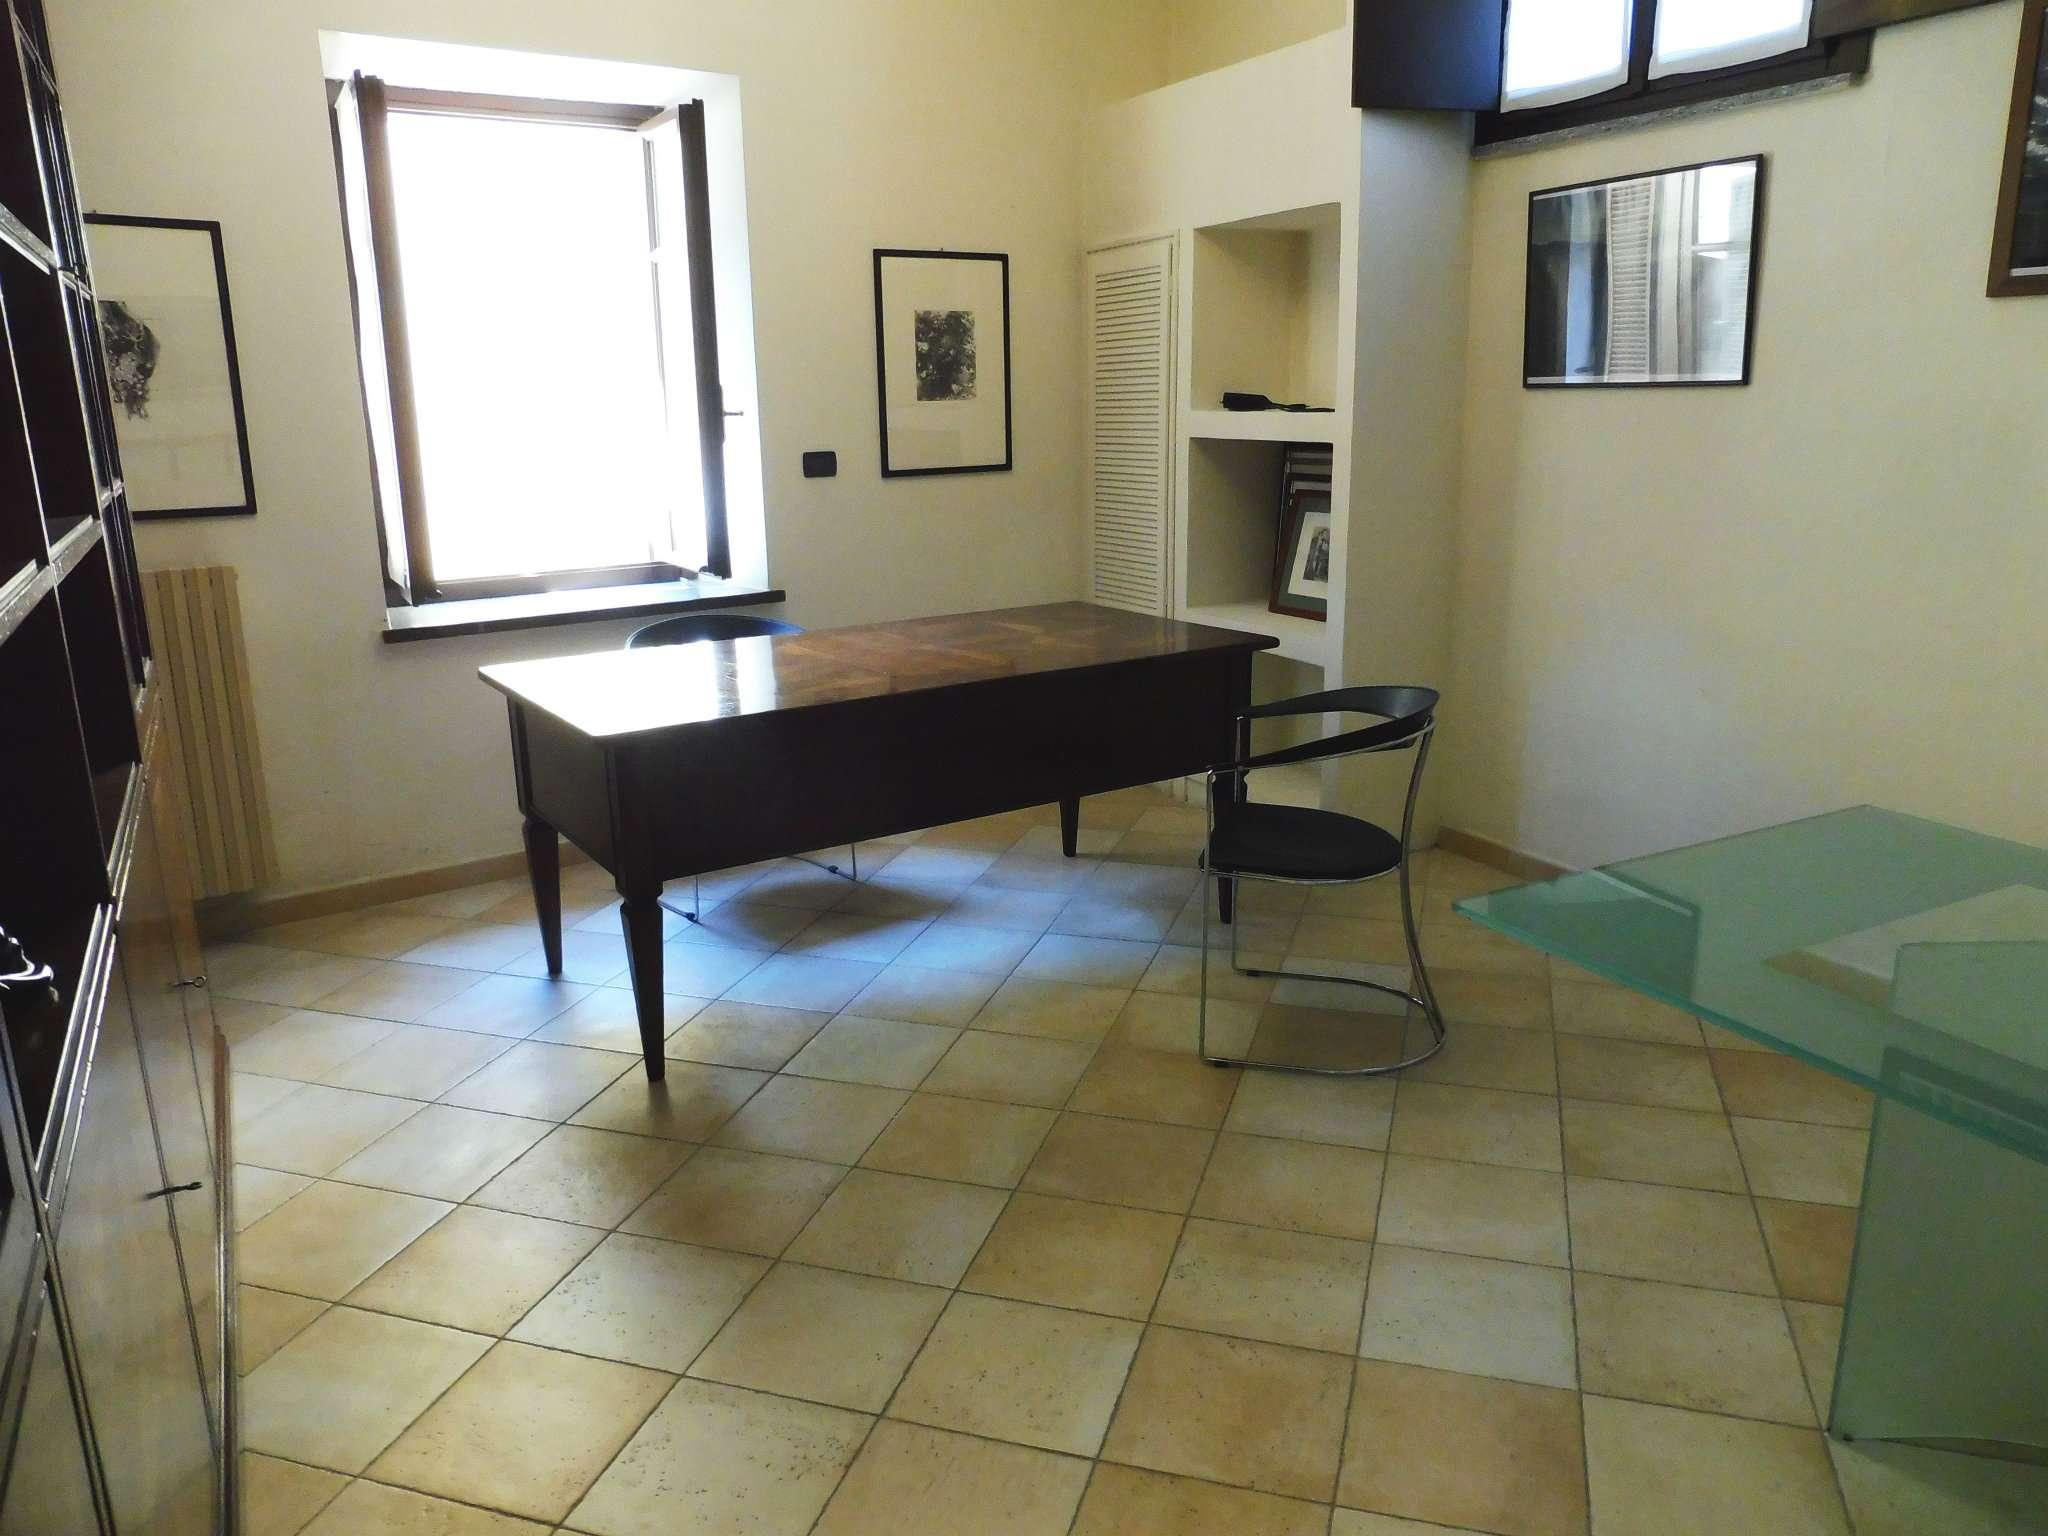 Ufficio / Studio in affitto a Moncalieri, 3 locali, prezzo € 700 | PortaleAgenzieImmobiliari.it